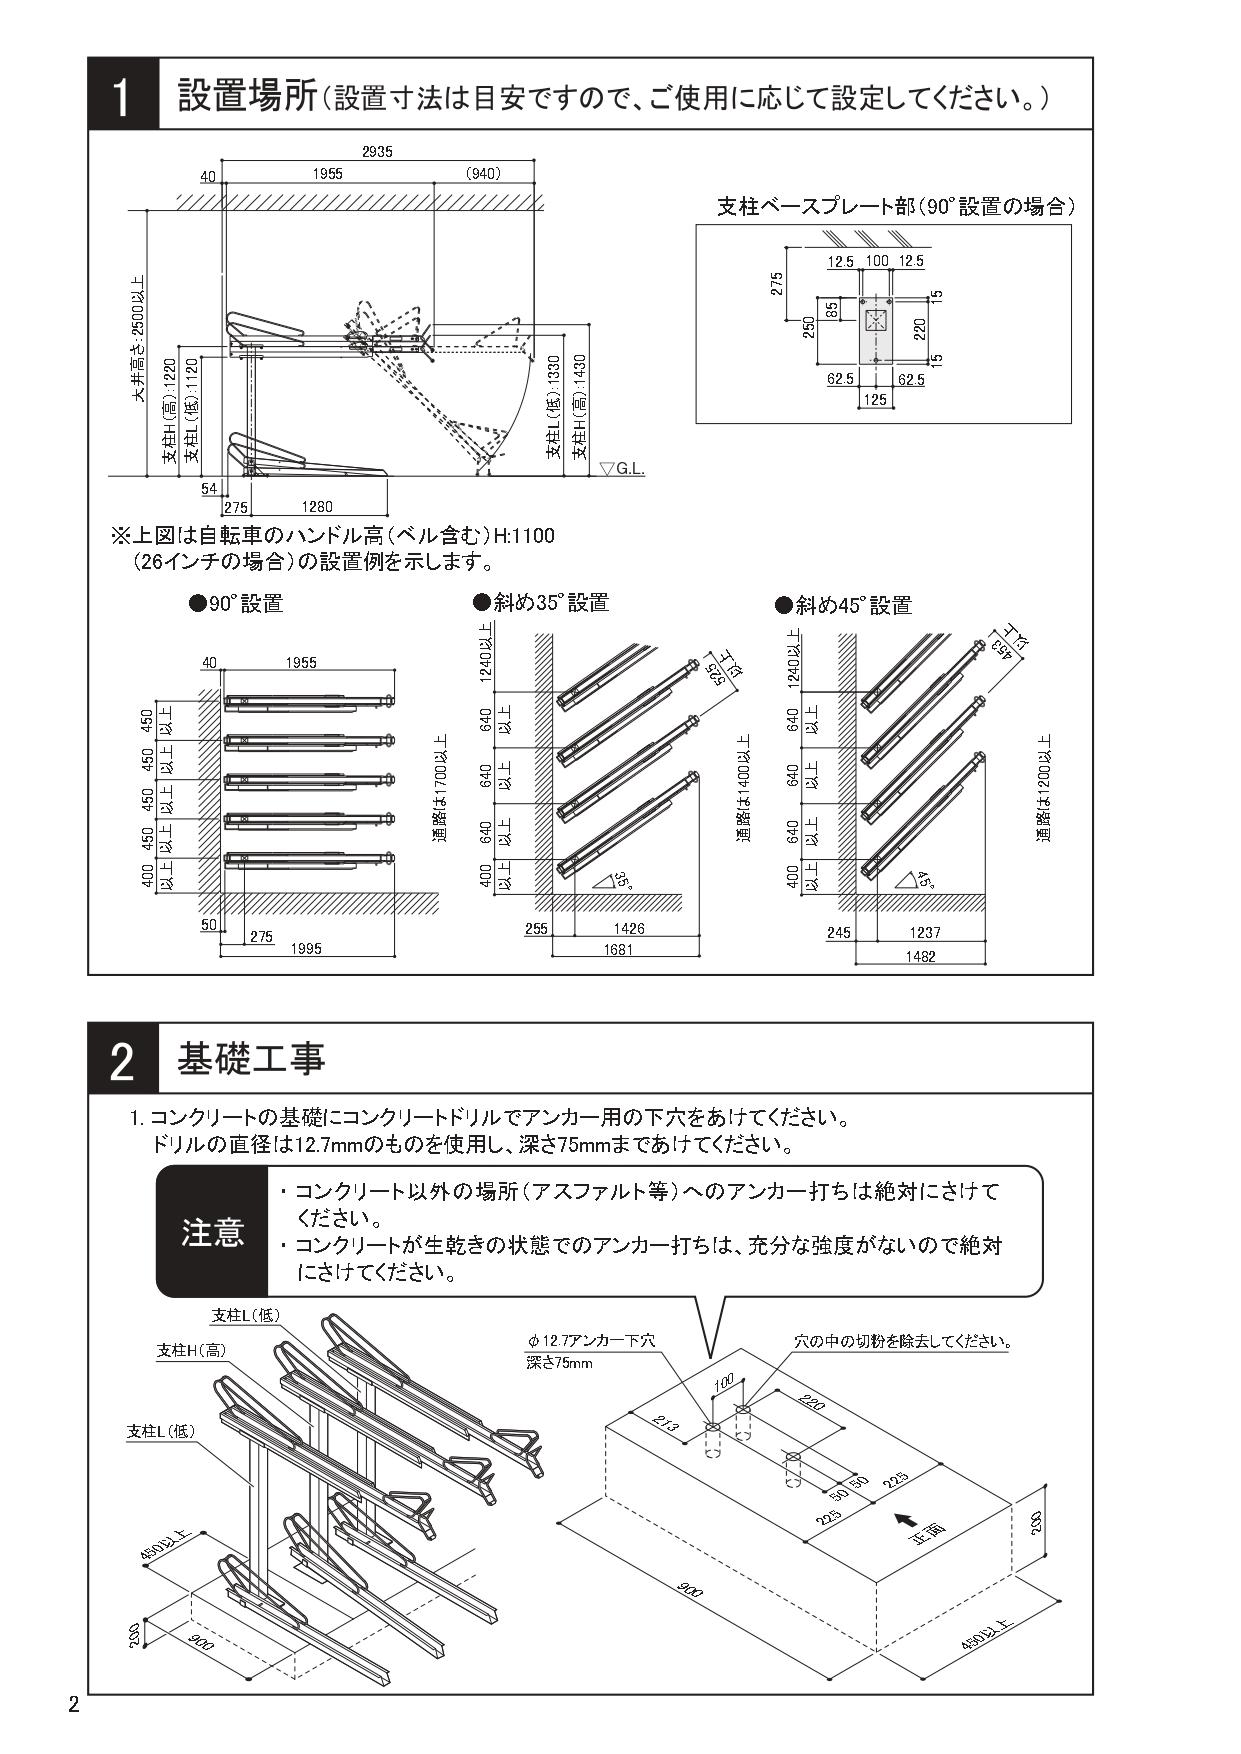 2段式サイクルラック1型 施工説明書_page-0002